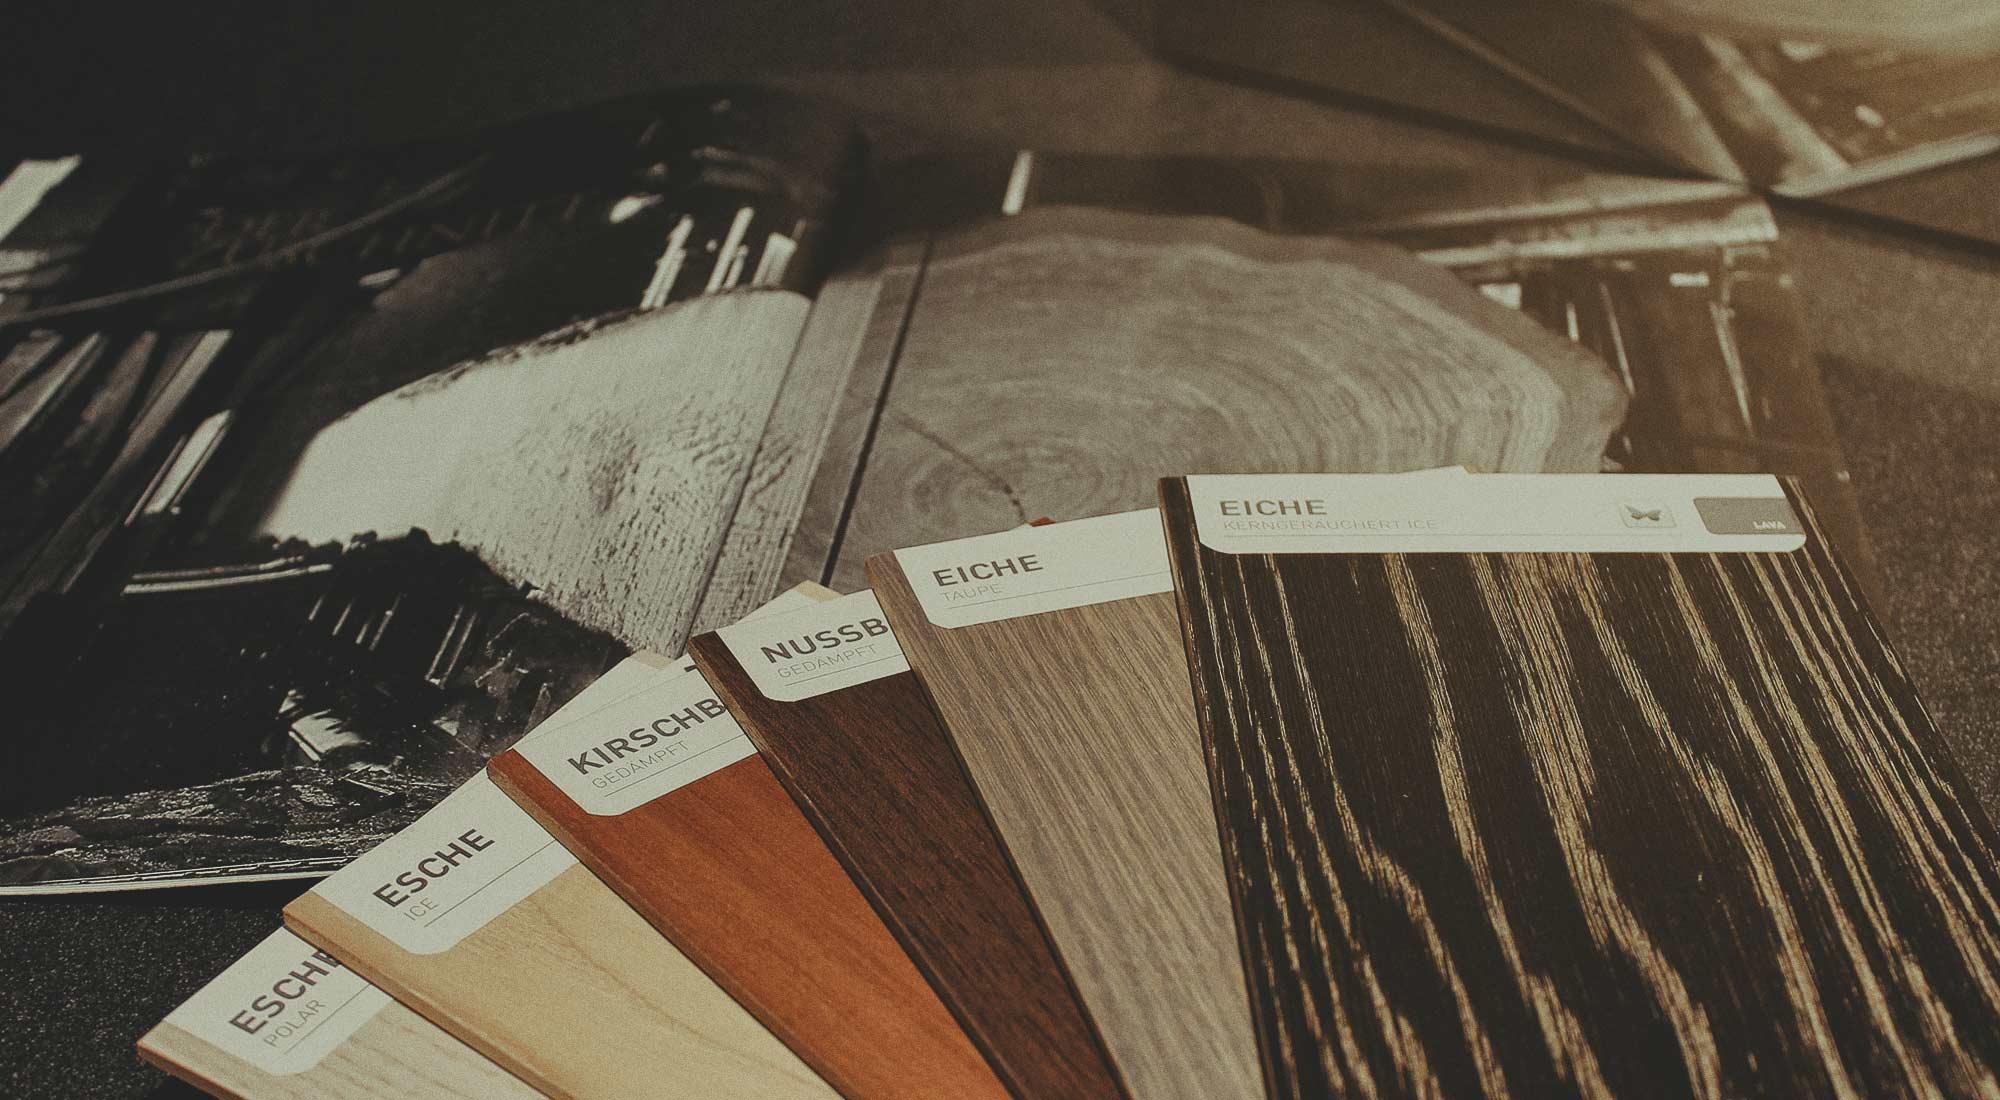 sturm raumausstattung polsterei sattlerei aus weiler bei bingen leistungsf hig innovativ. Black Bedroom Furniture Sets. Home Design Ideas